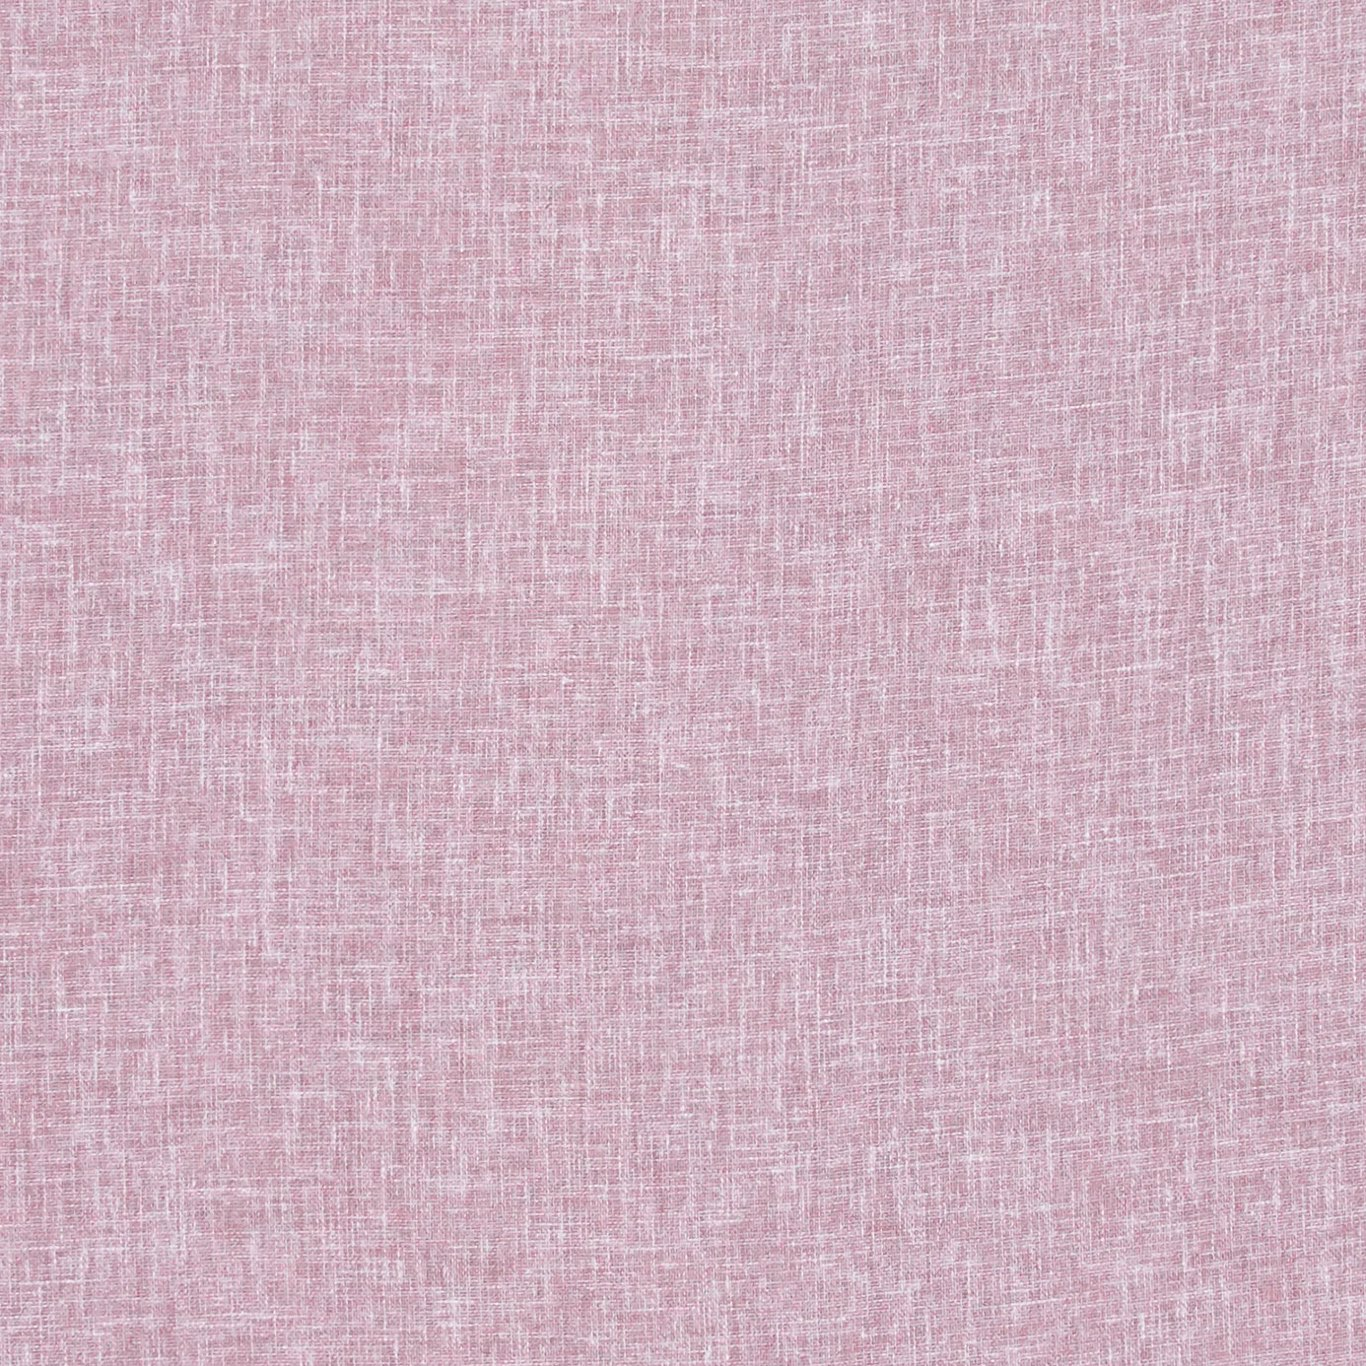 Midori Lilac